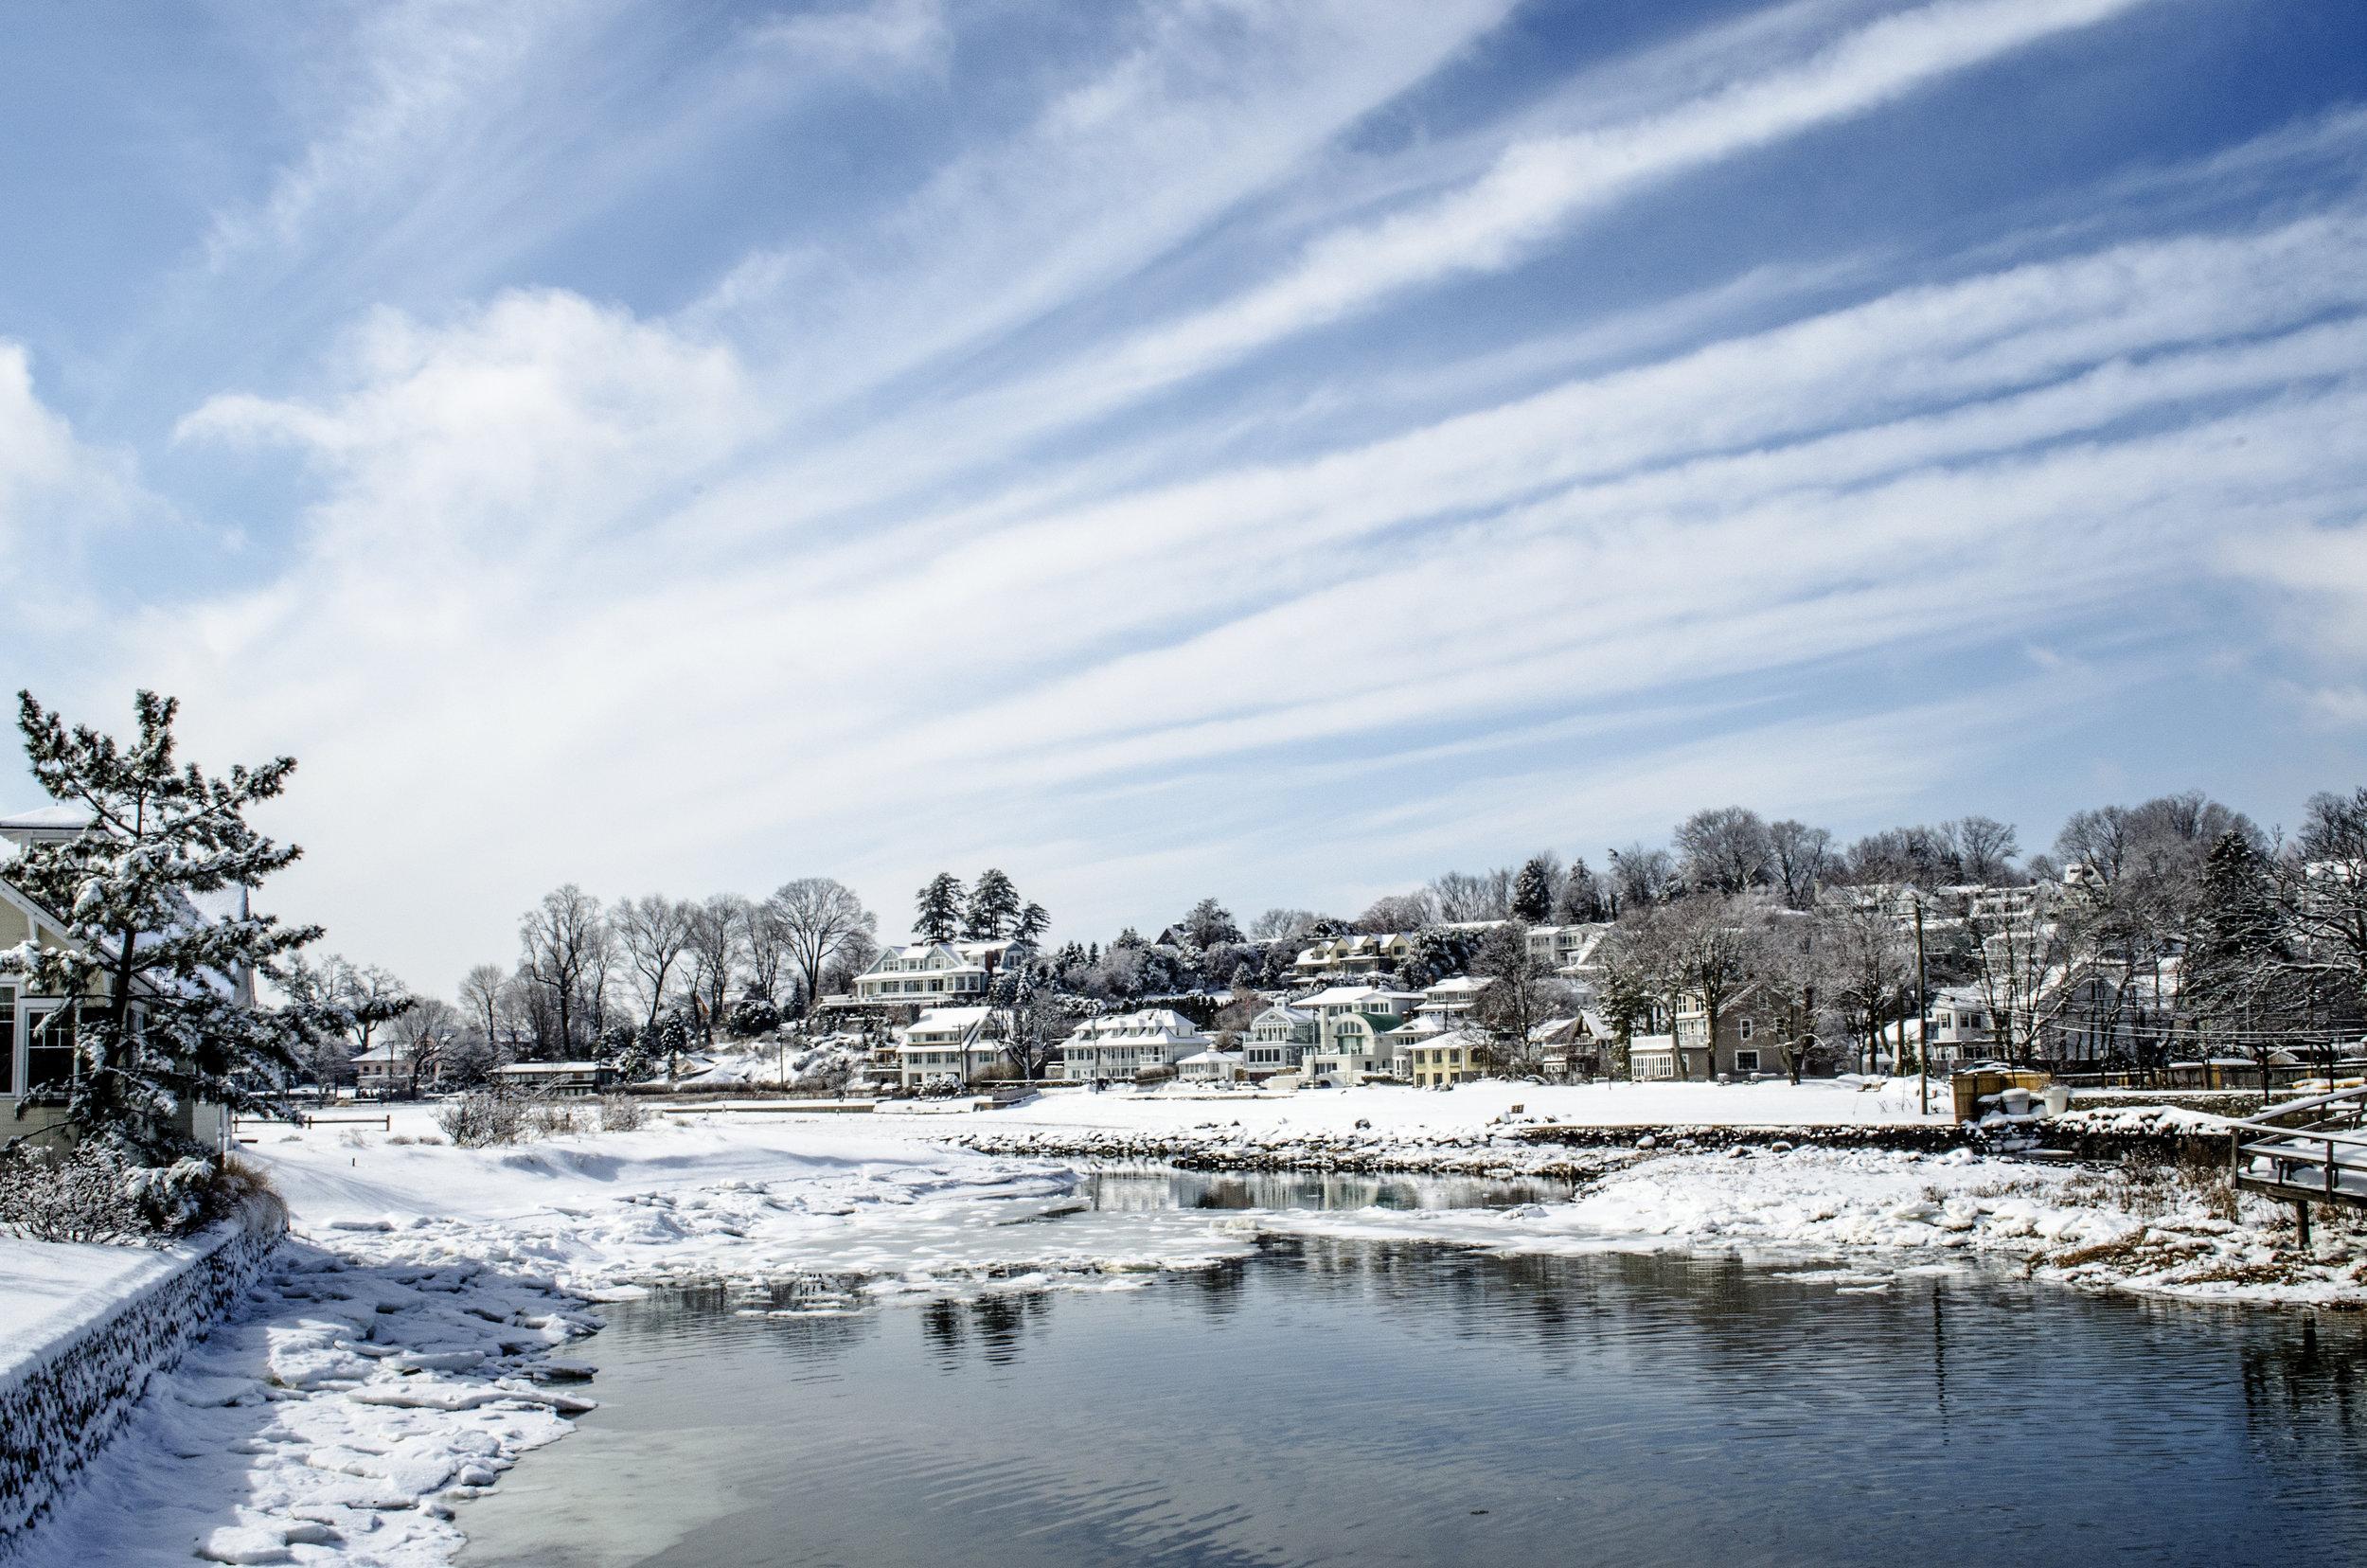 westport-winter-1_16602284036_o.jpg